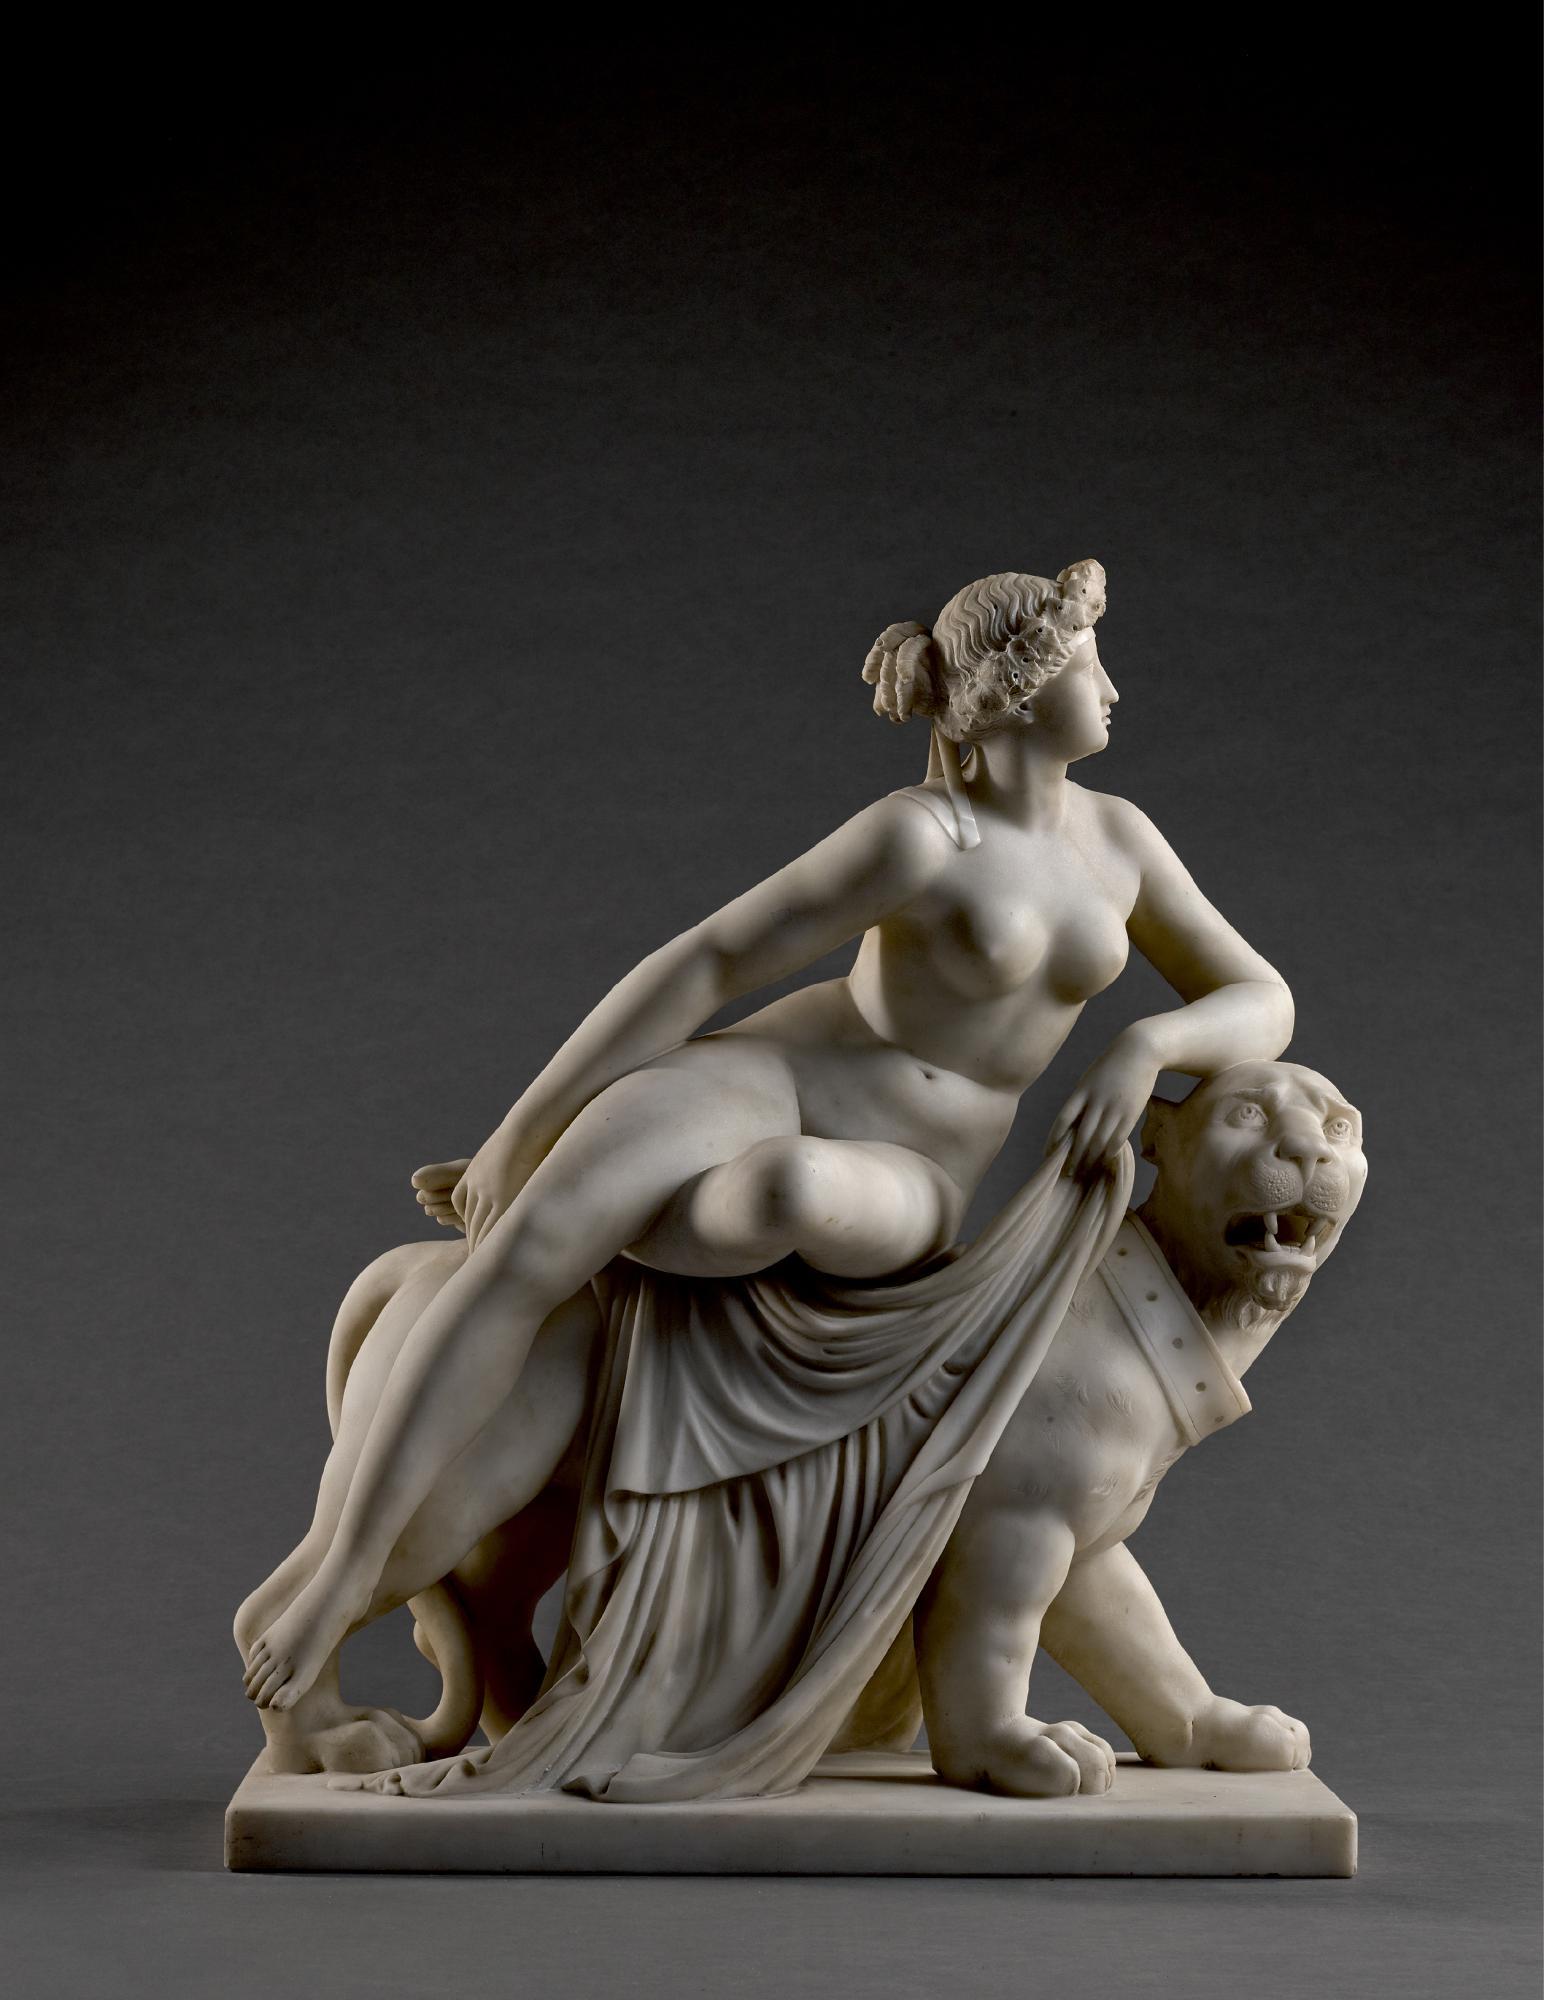 AFTER JOHANN HEINRICH VON DANNECKER (1758-1841), ITALIAN, 19TH CENTURY |  ARIADNE ON THE PANTHER